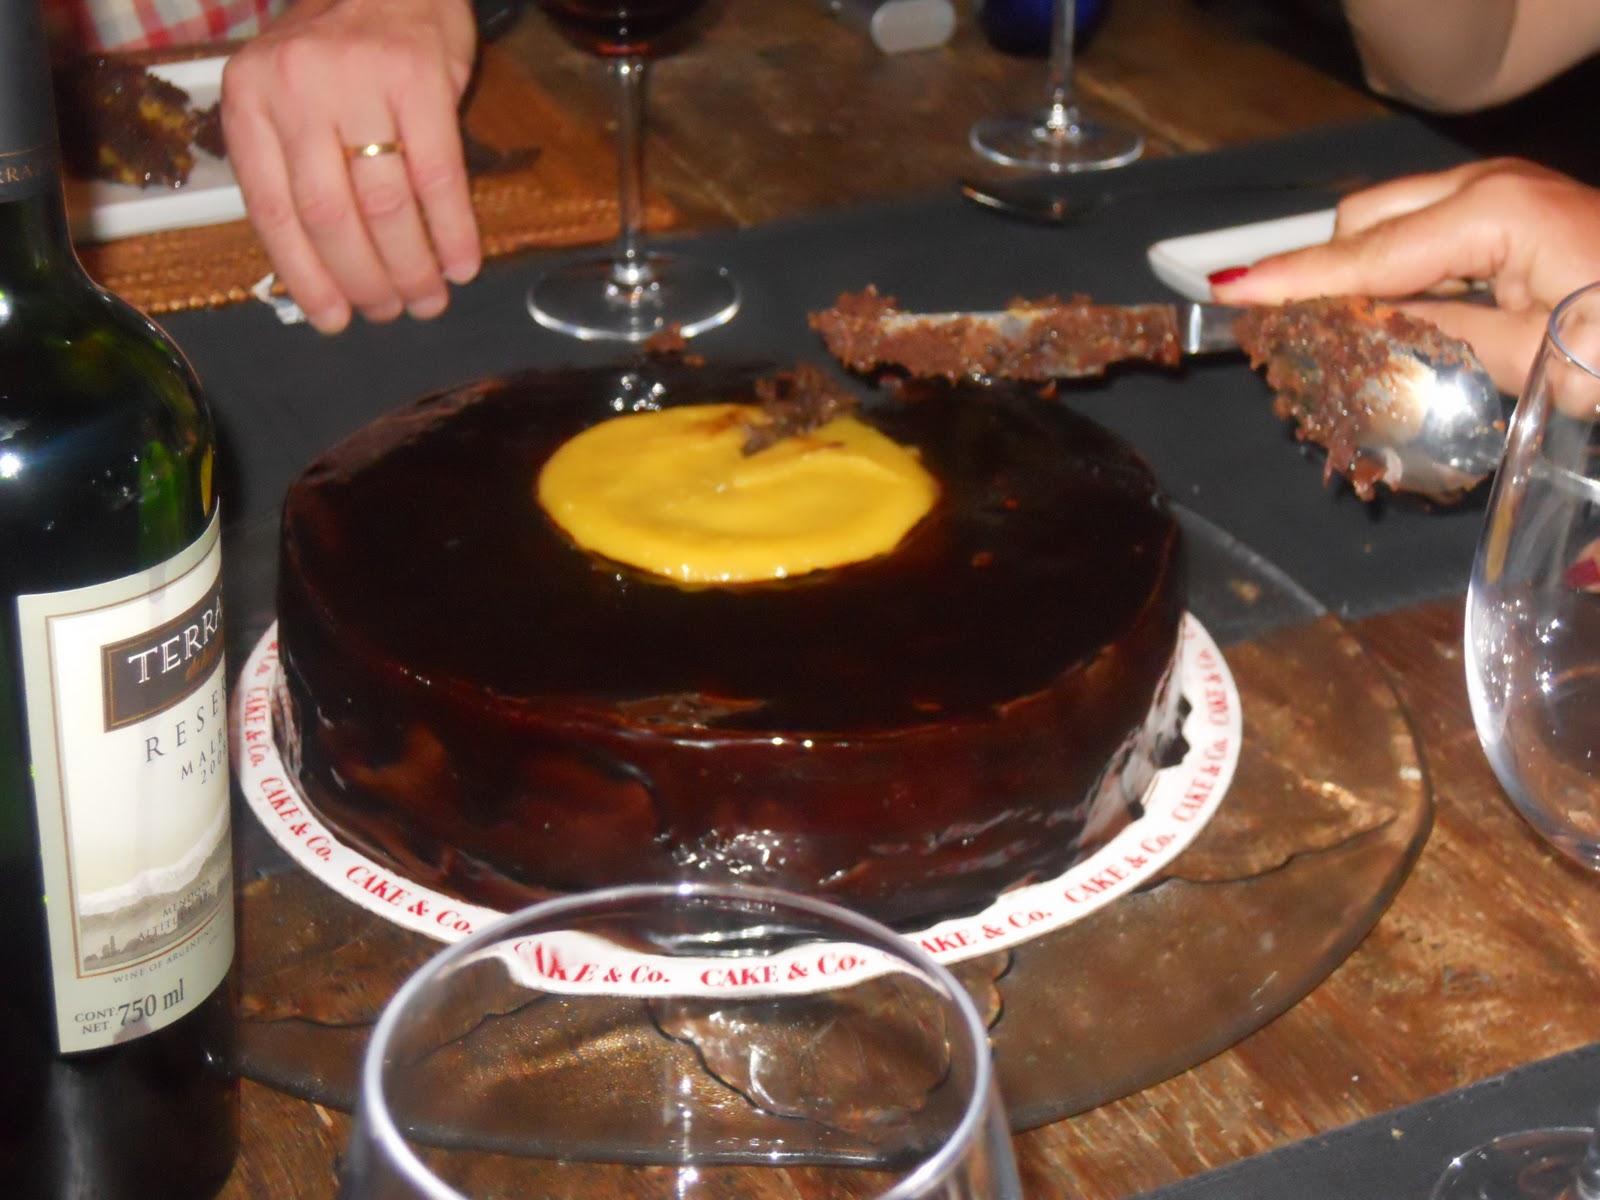 Cake & Co- Rio de Janeiro